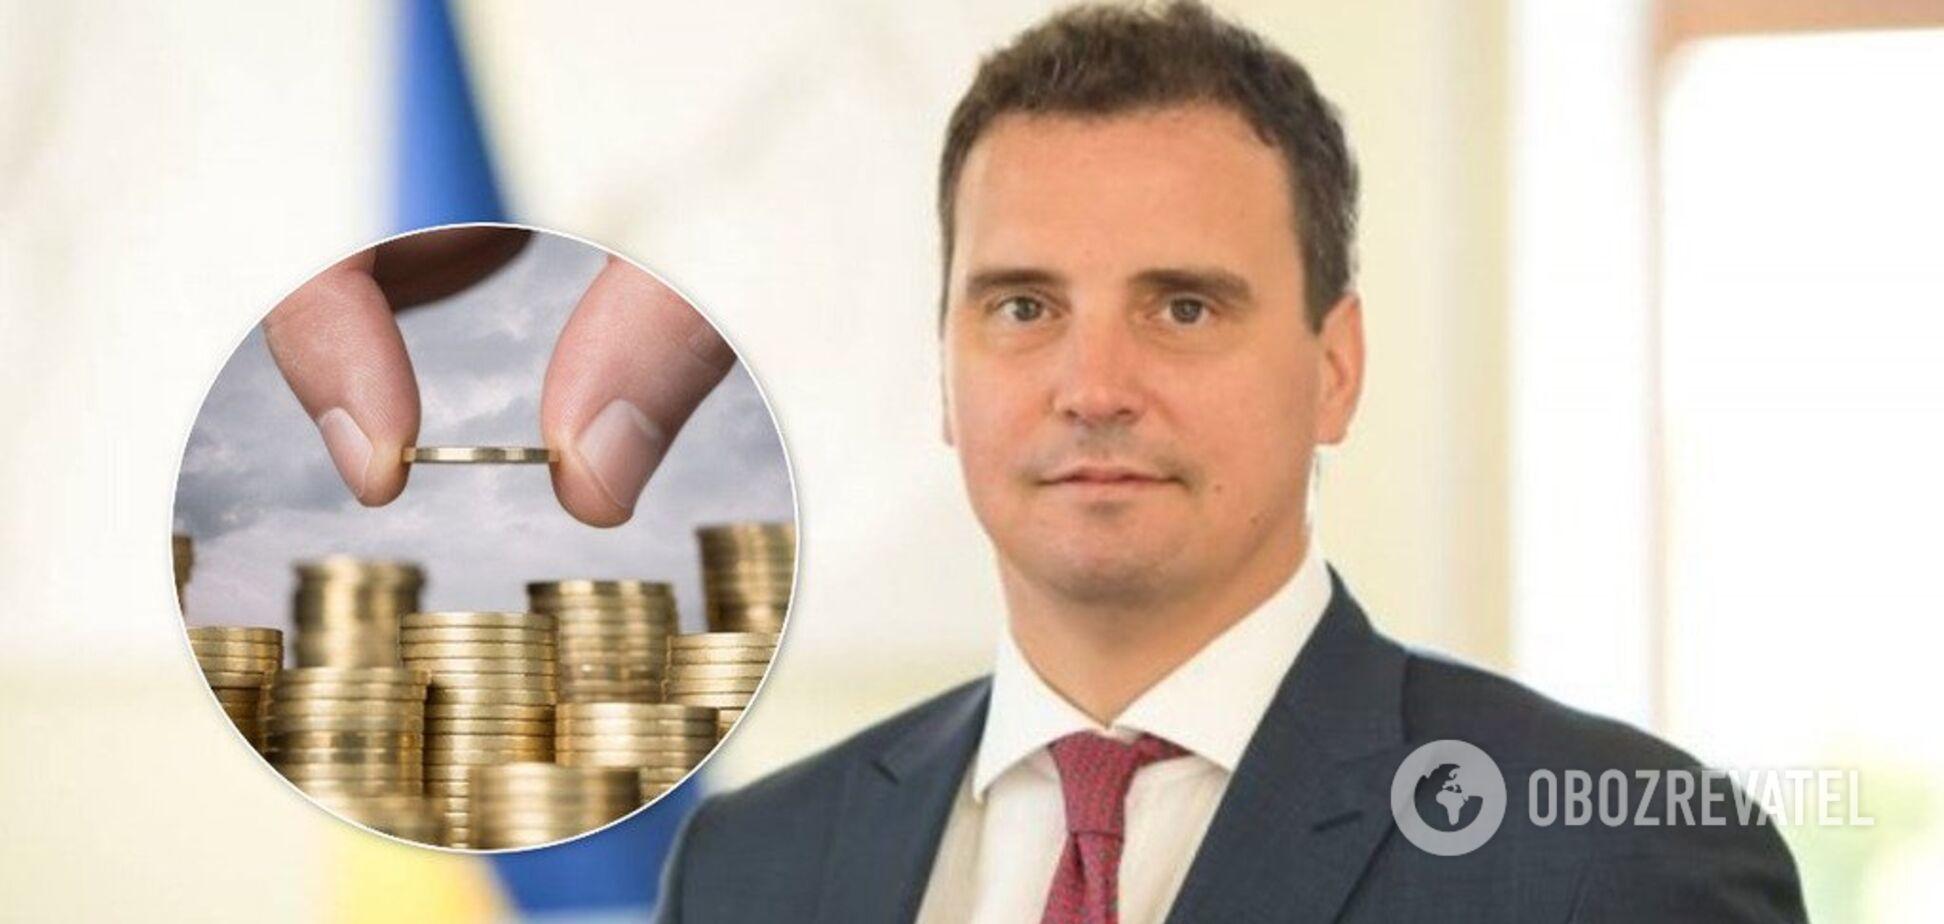 Банани для партнера Путіна: як глава 'Укроборонпрому' Зеленського заробляє на Україні